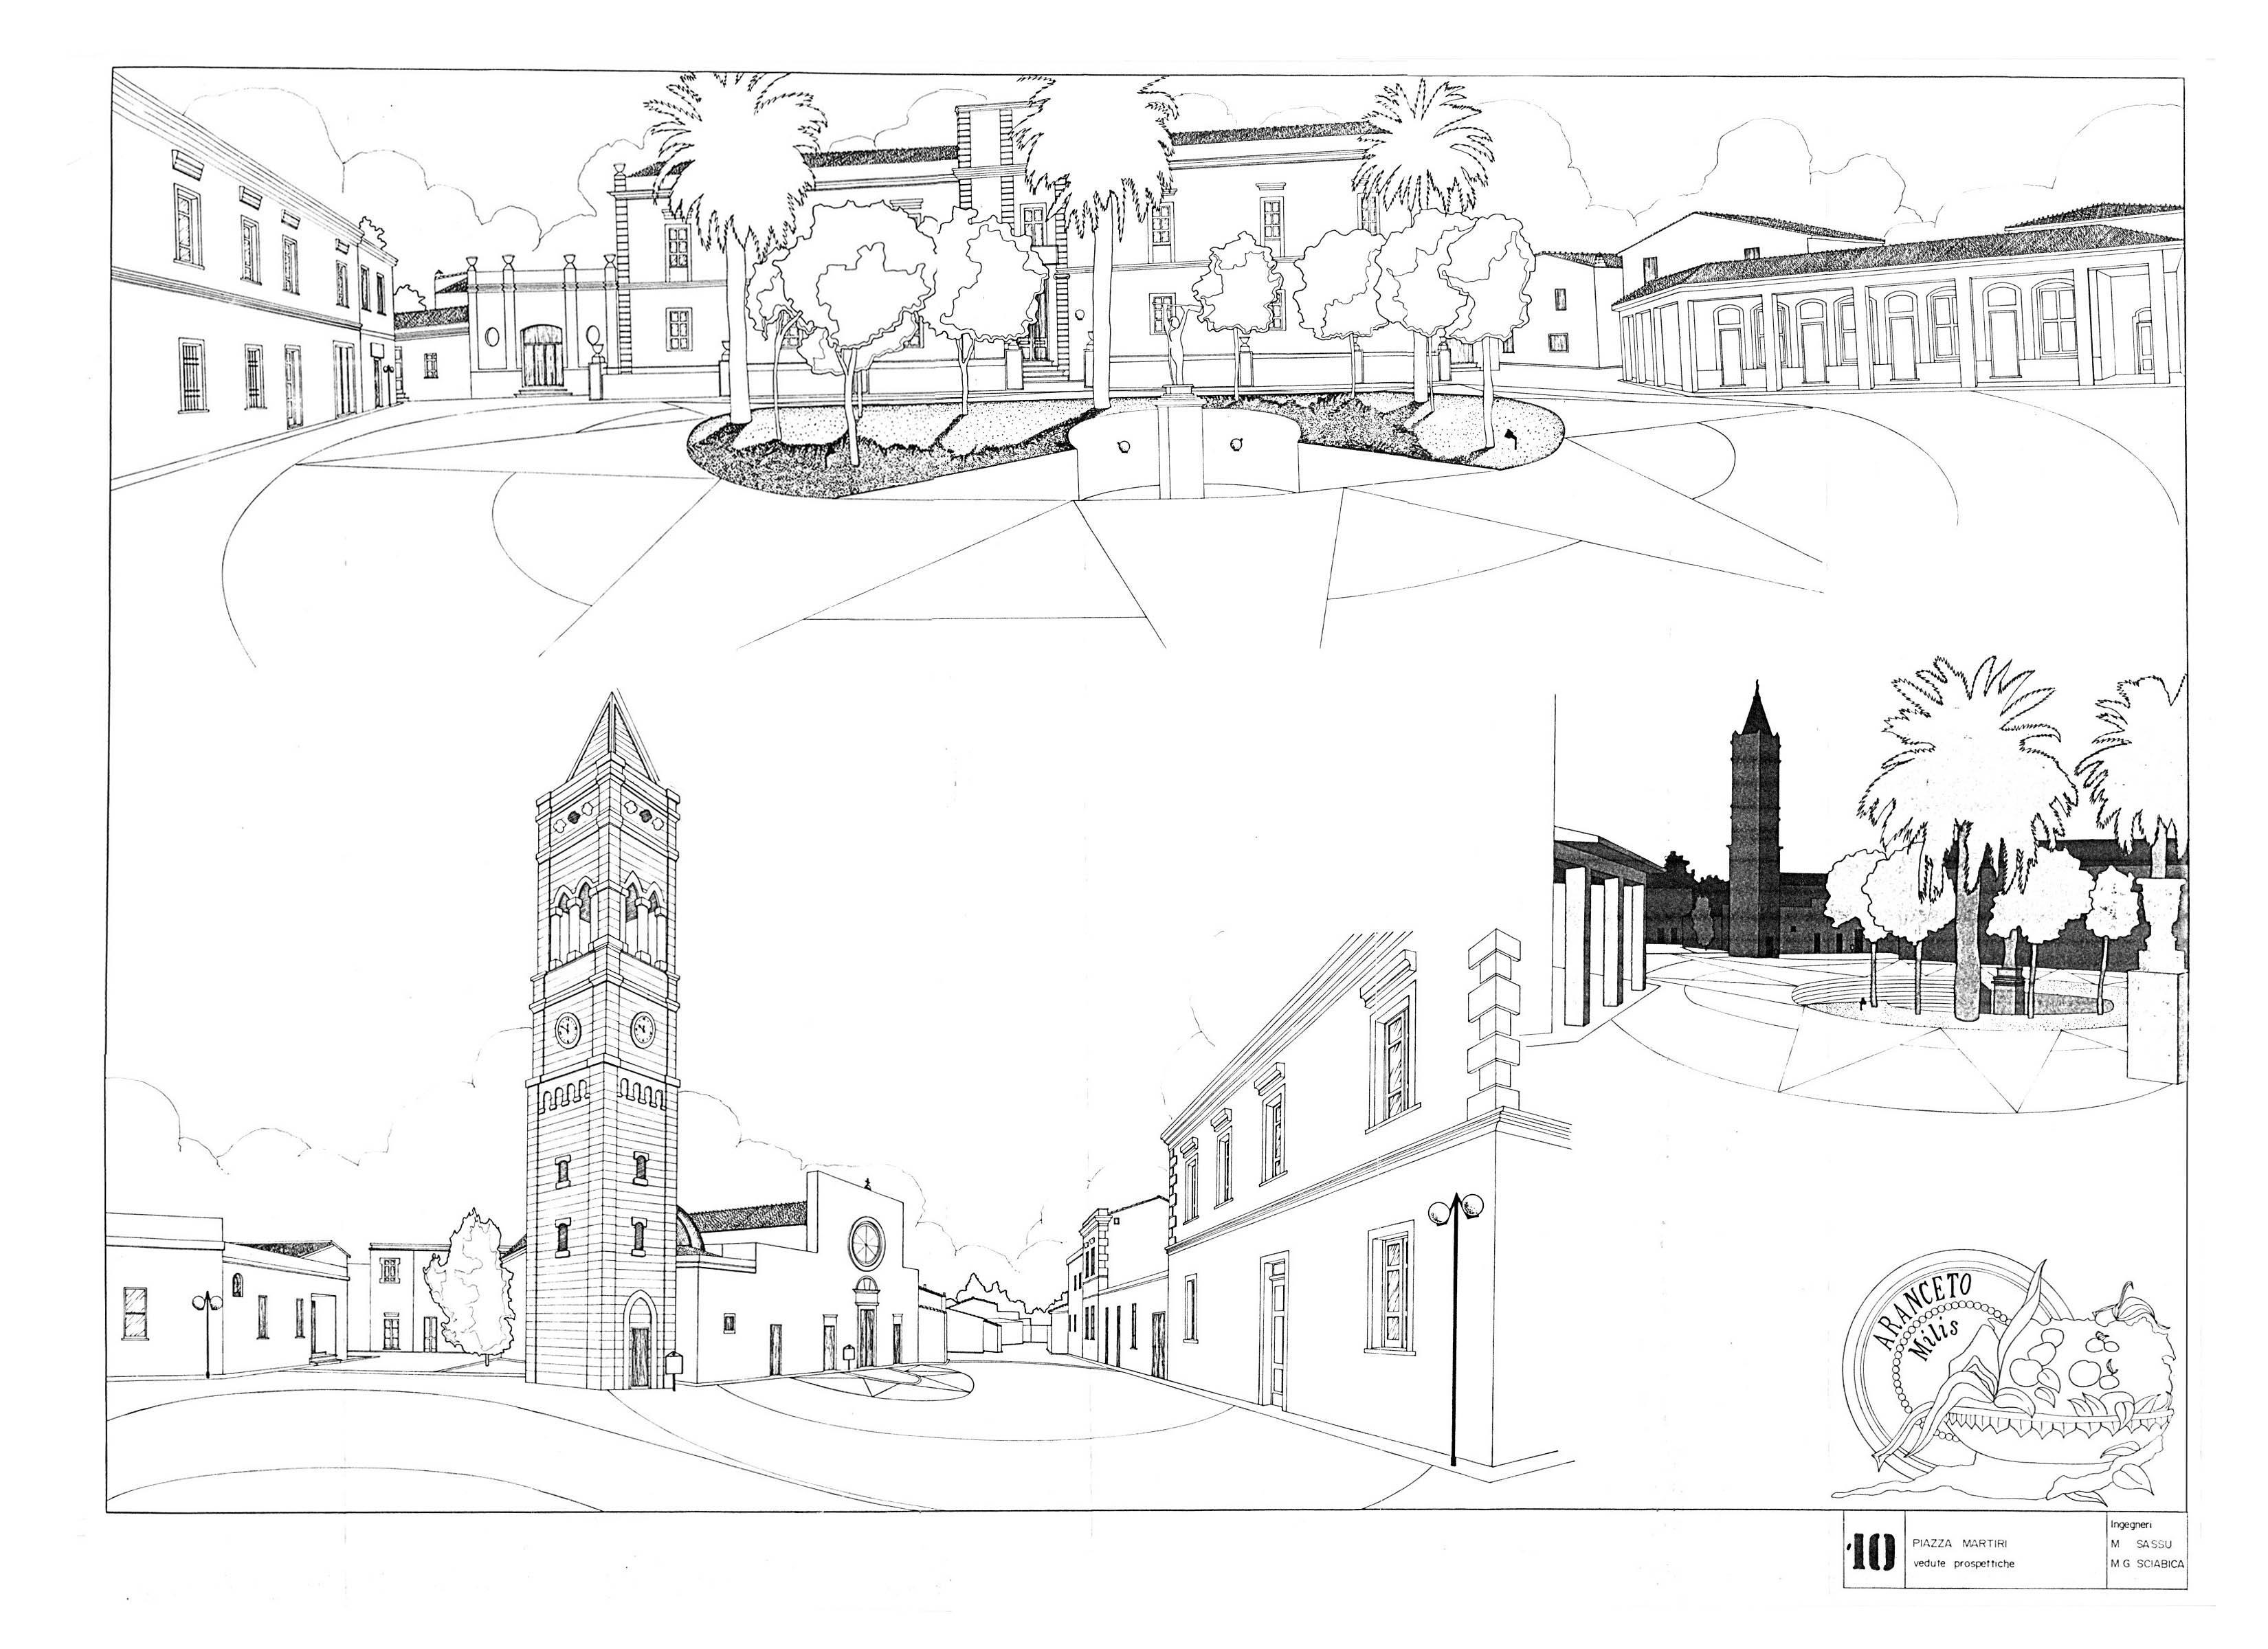 Public Plazas - Competition